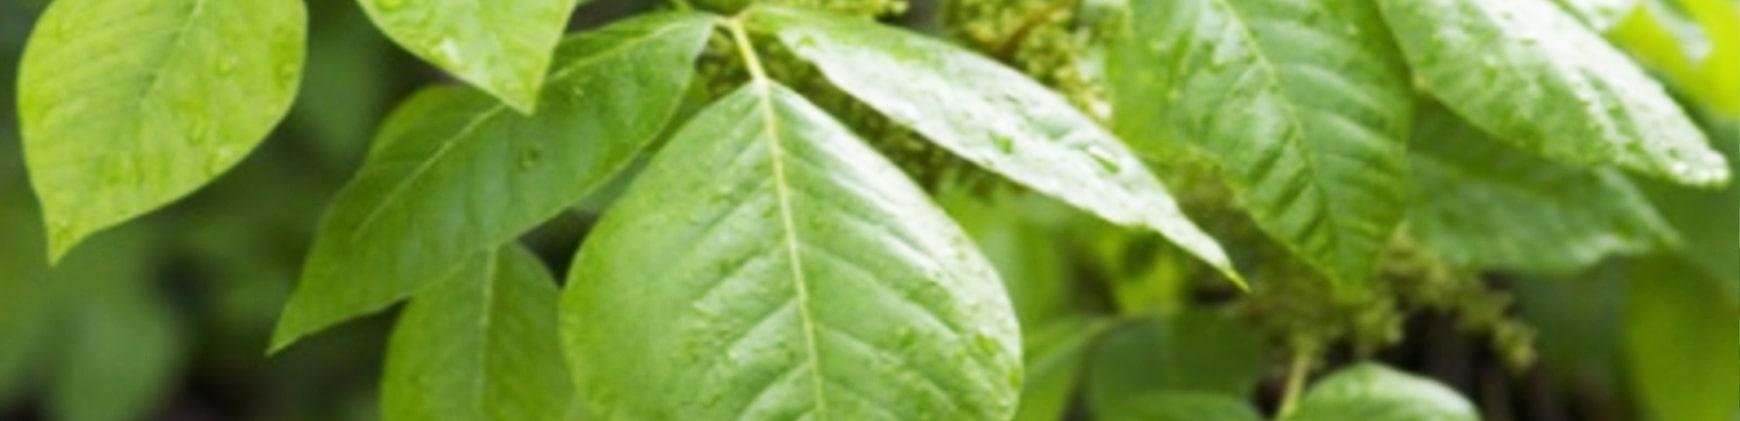 Giftsumach Toxicodendron quercifolium